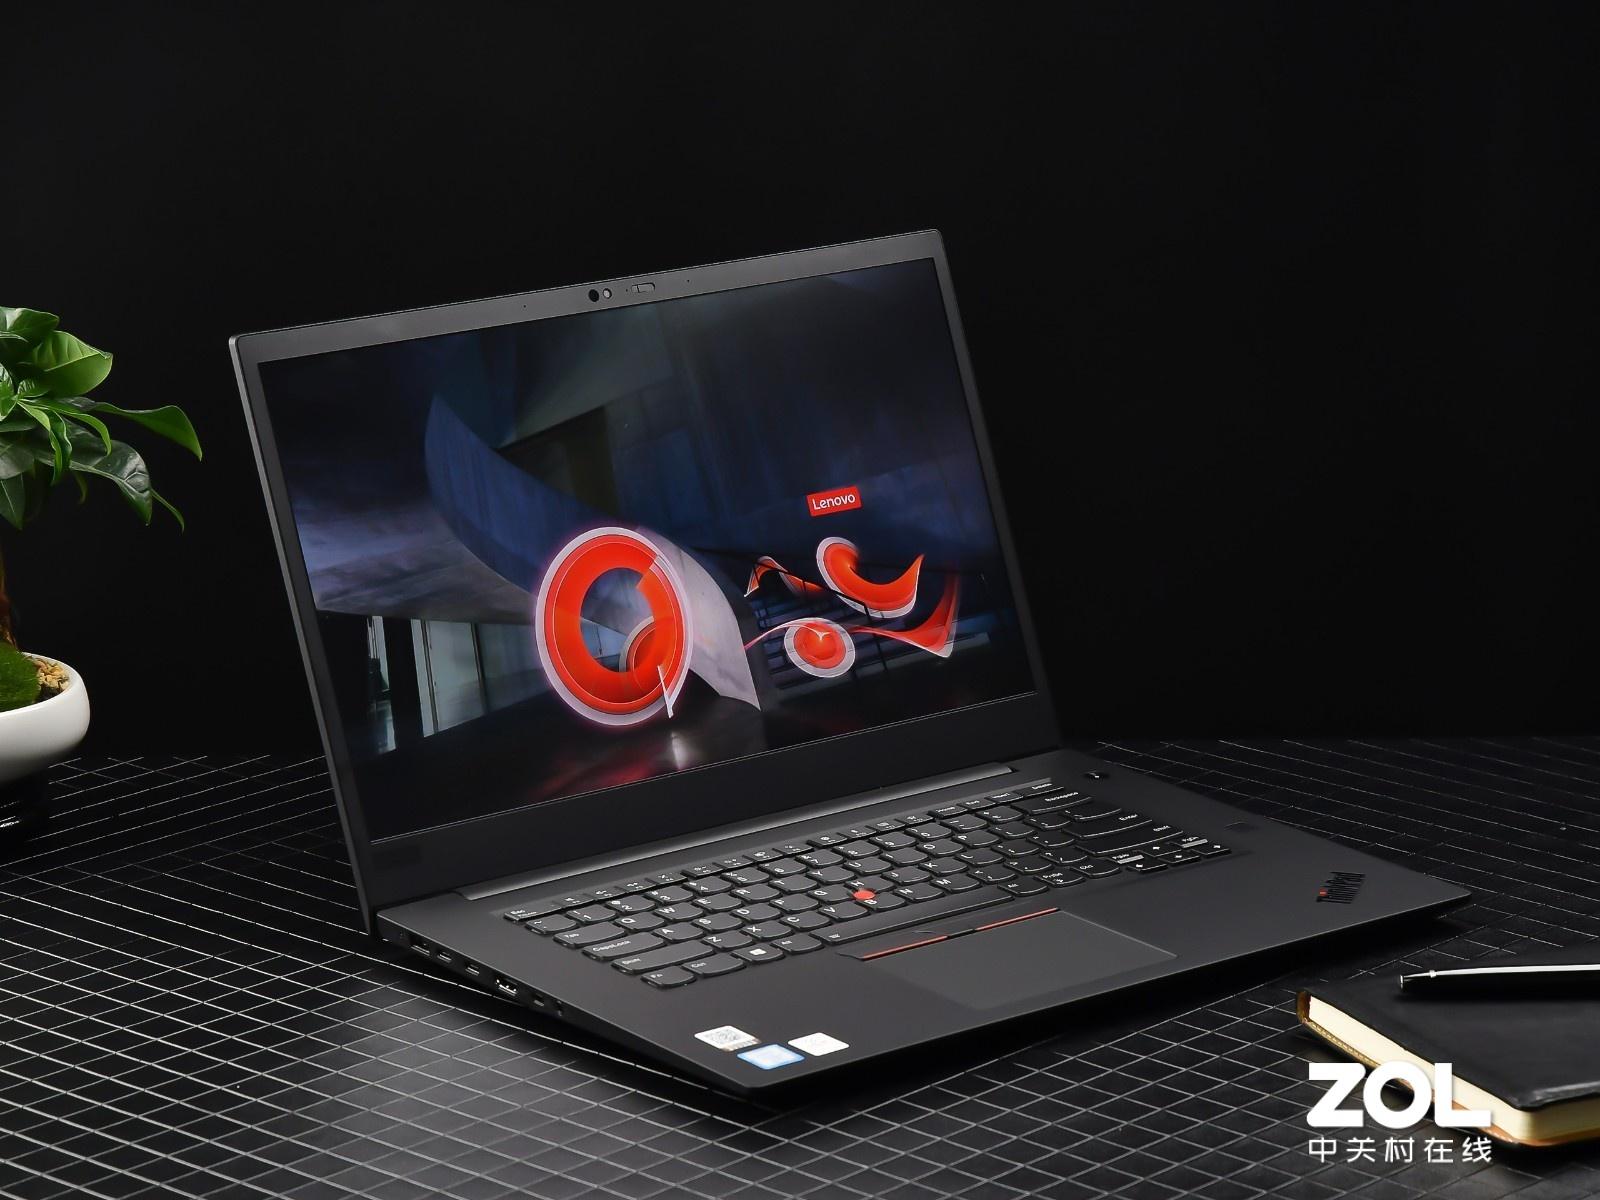 轻薄型服务中心 ThinkPad P1 隐者 2019图赏